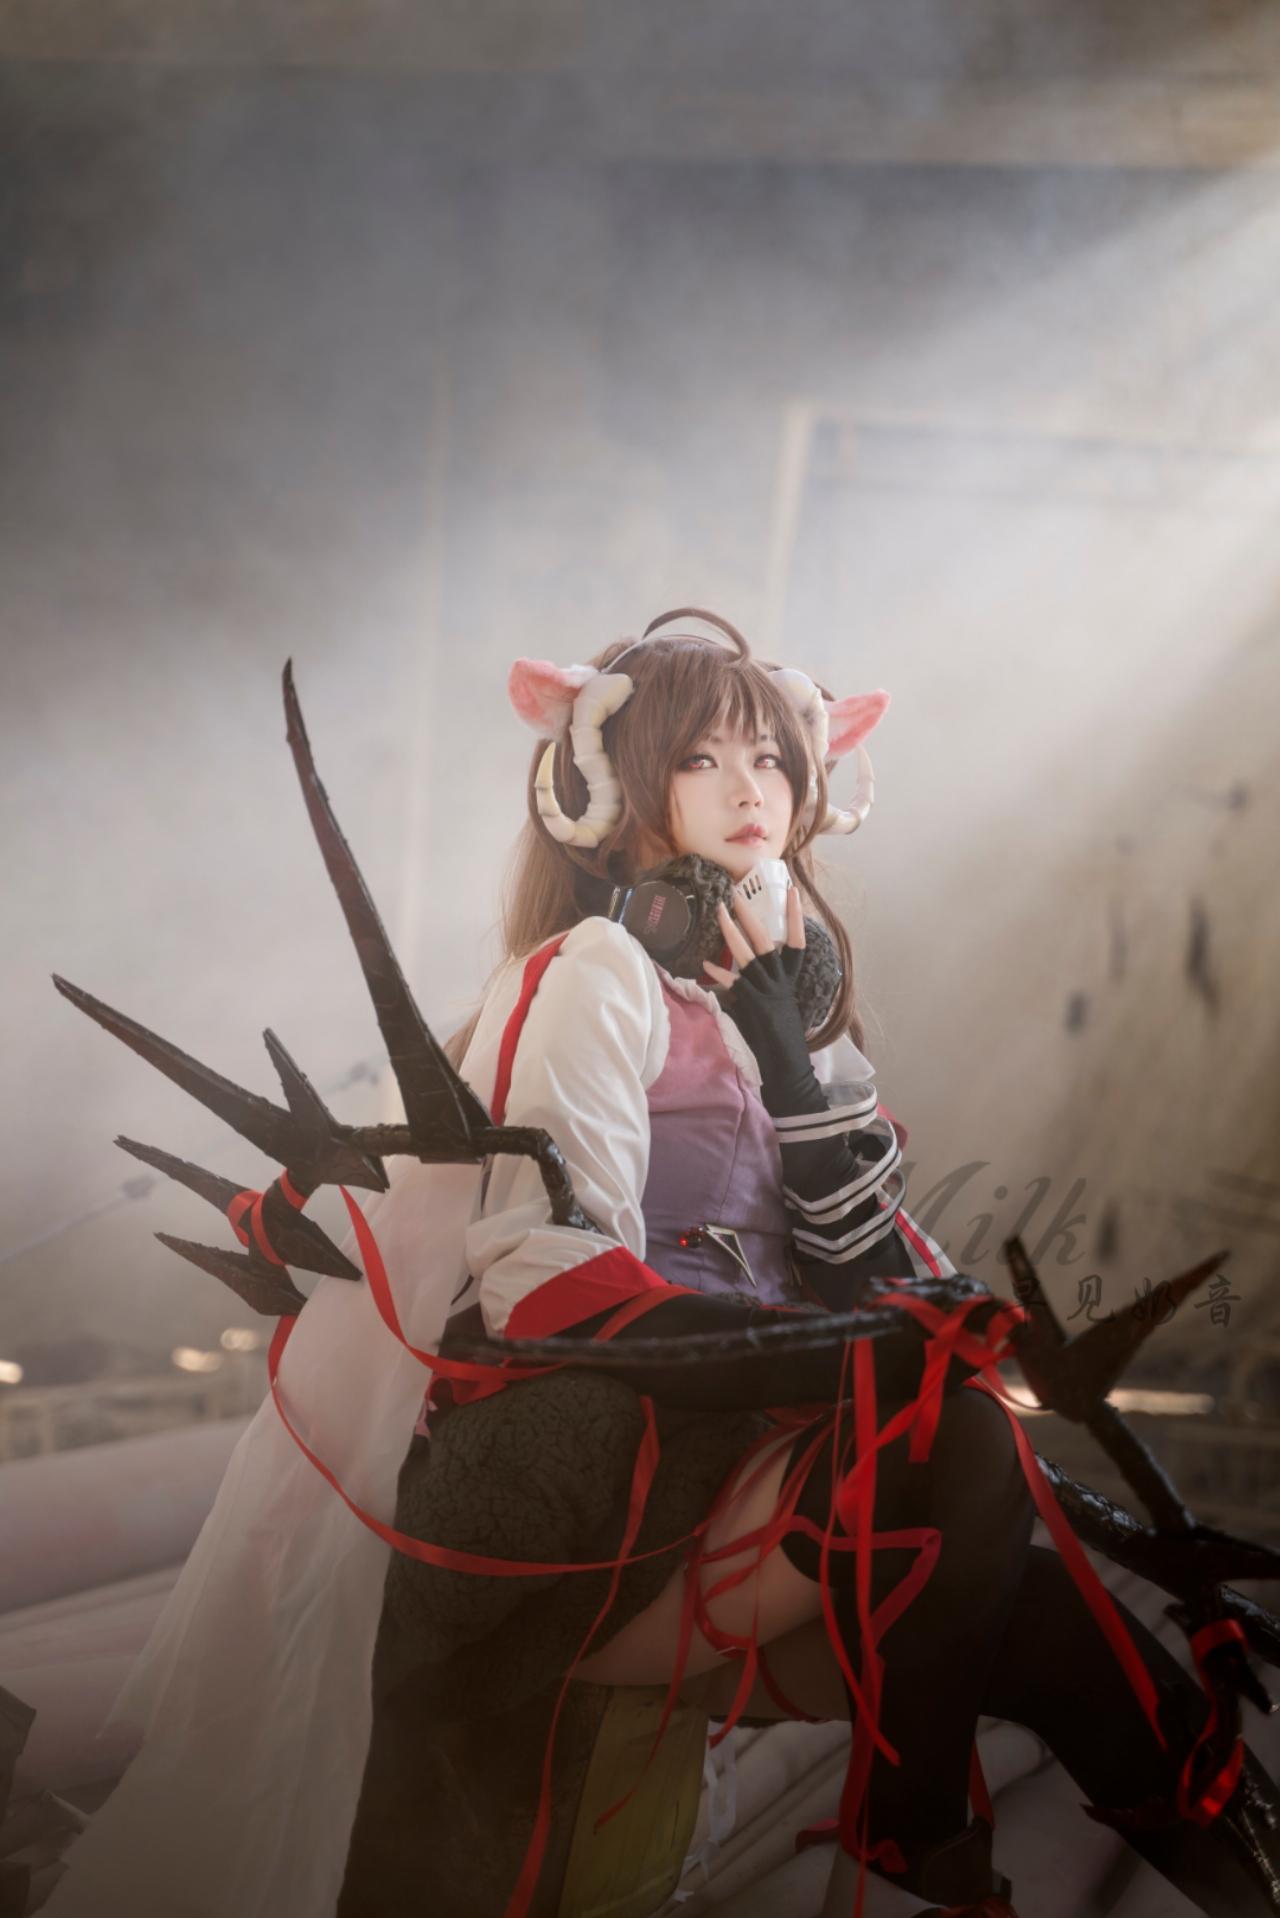 《明日方舟》正片cosplay【CN:早见奶音】-第2张